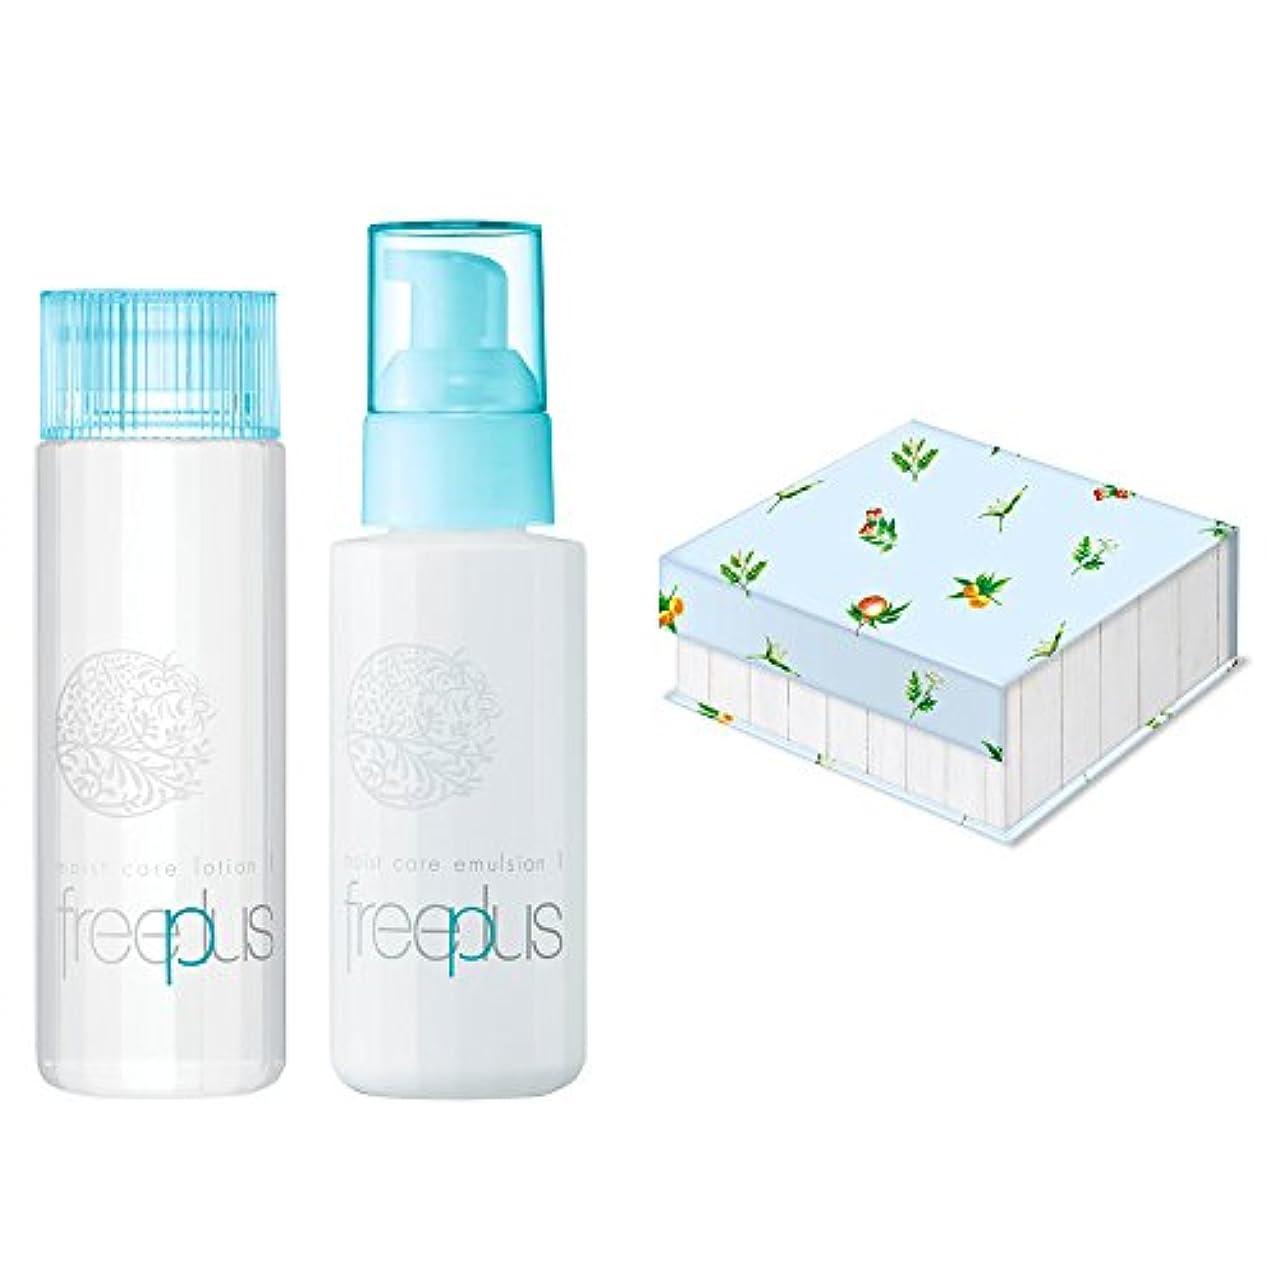 順応性のある疎外する和フリープラス モイストケア 化粧水+乳液+限定ボックスセット(さっぱり)